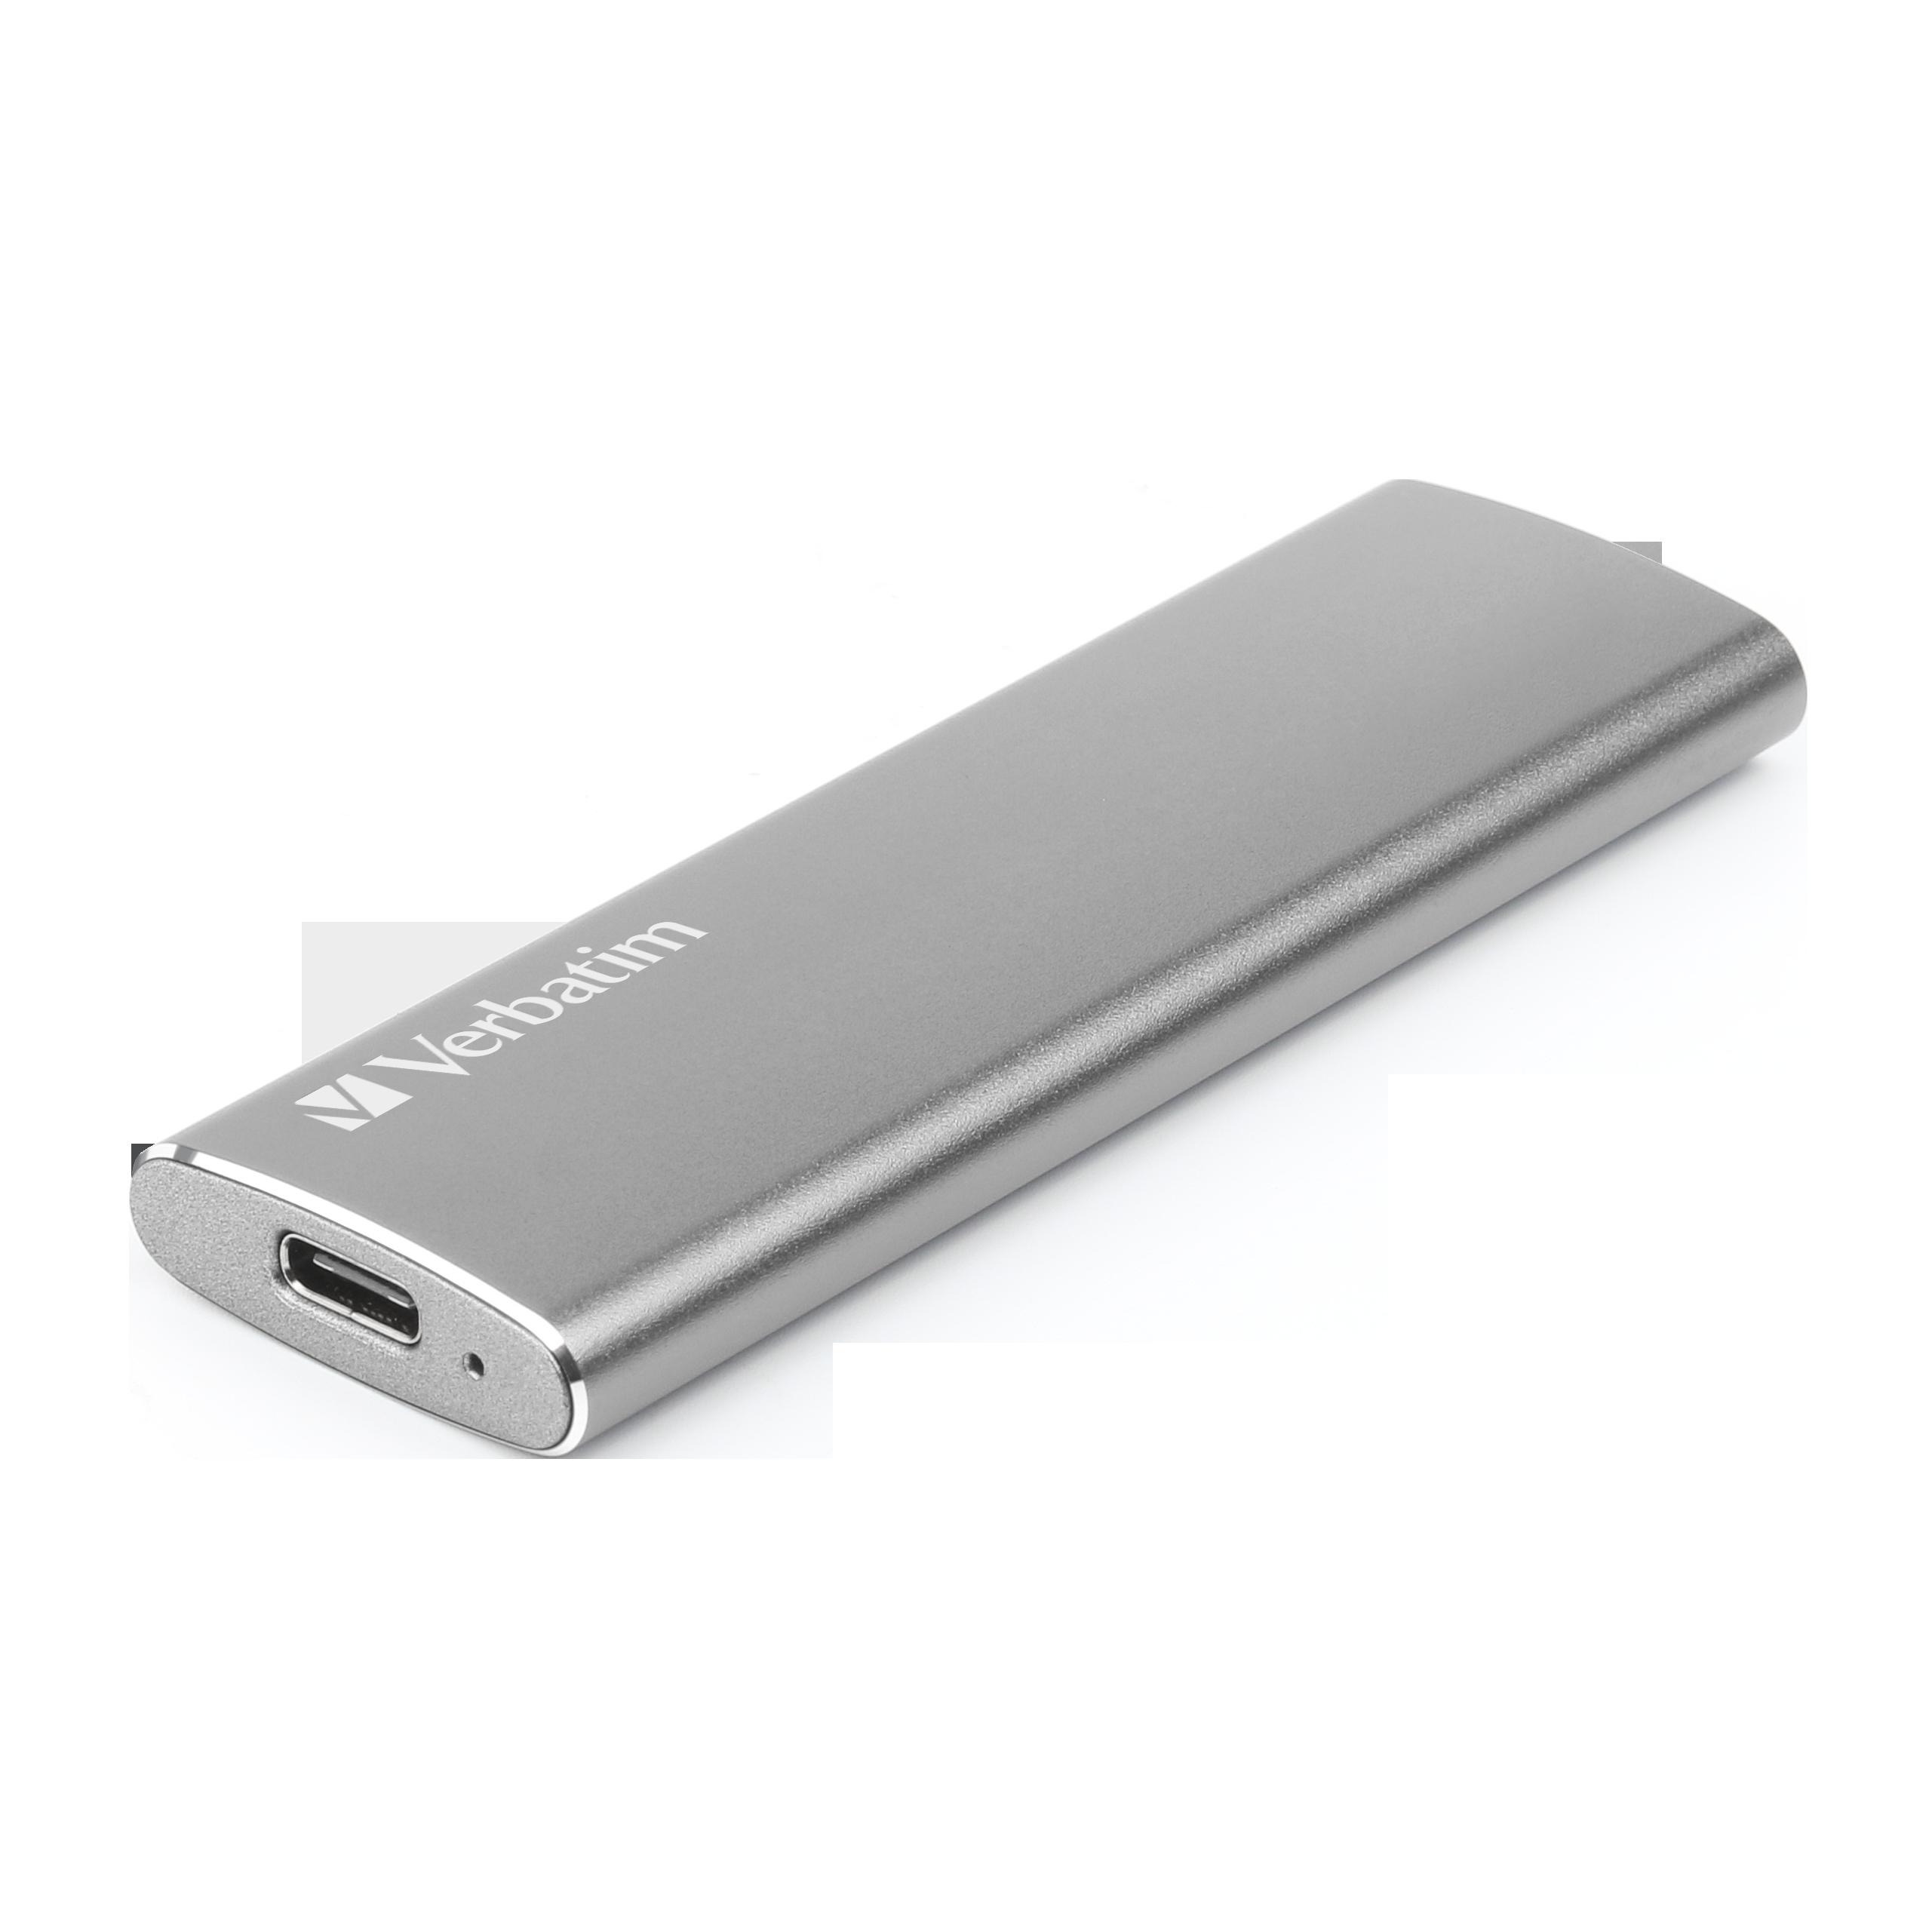 Vx500 - Disque SSD externe USB 3.1 Gén 2 120/240/480 Go